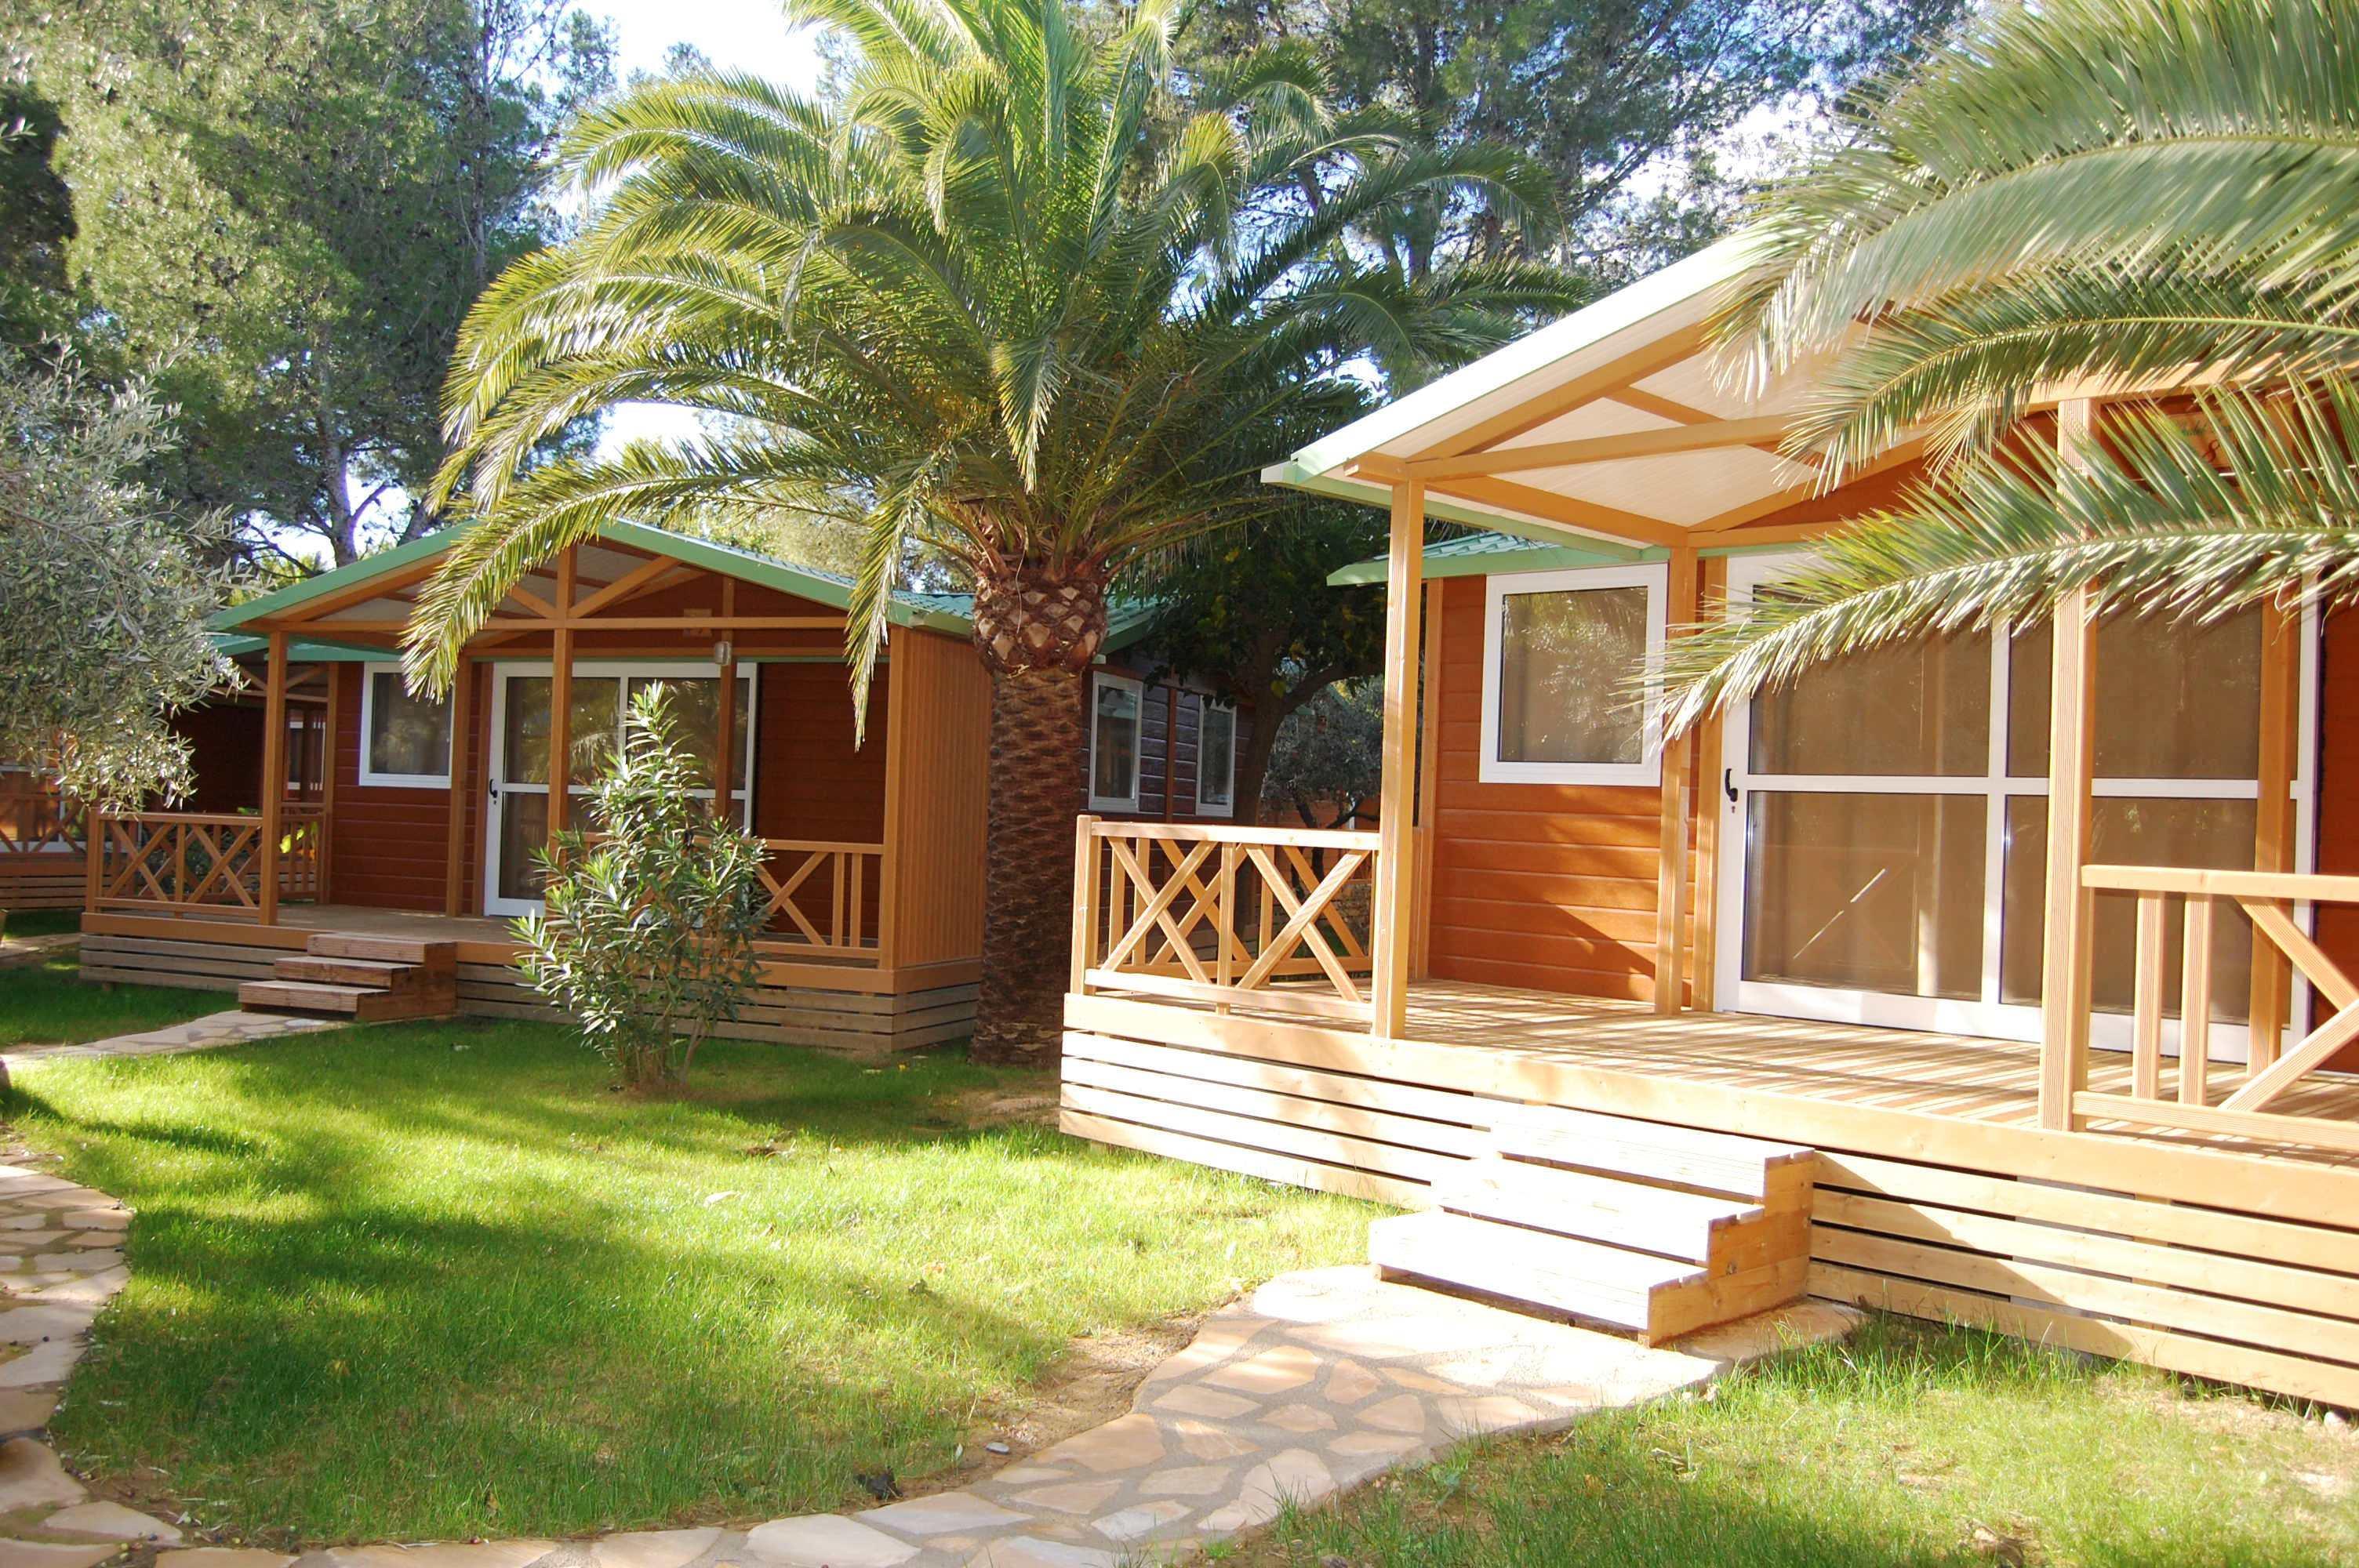 Chalet Mini Huizen Veranda Apartement Huizen